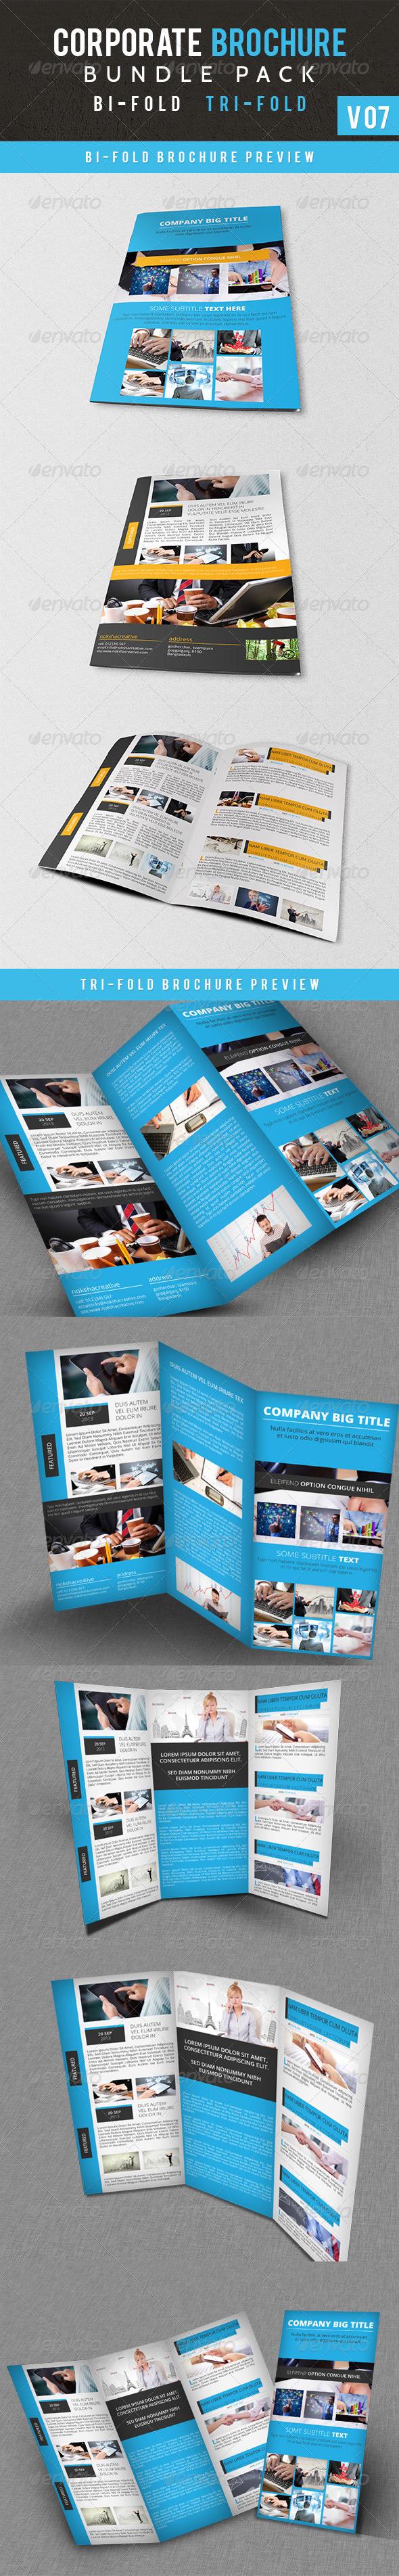 GraphicRiver Corporate Brochure Bundle Pack V 07 6048291